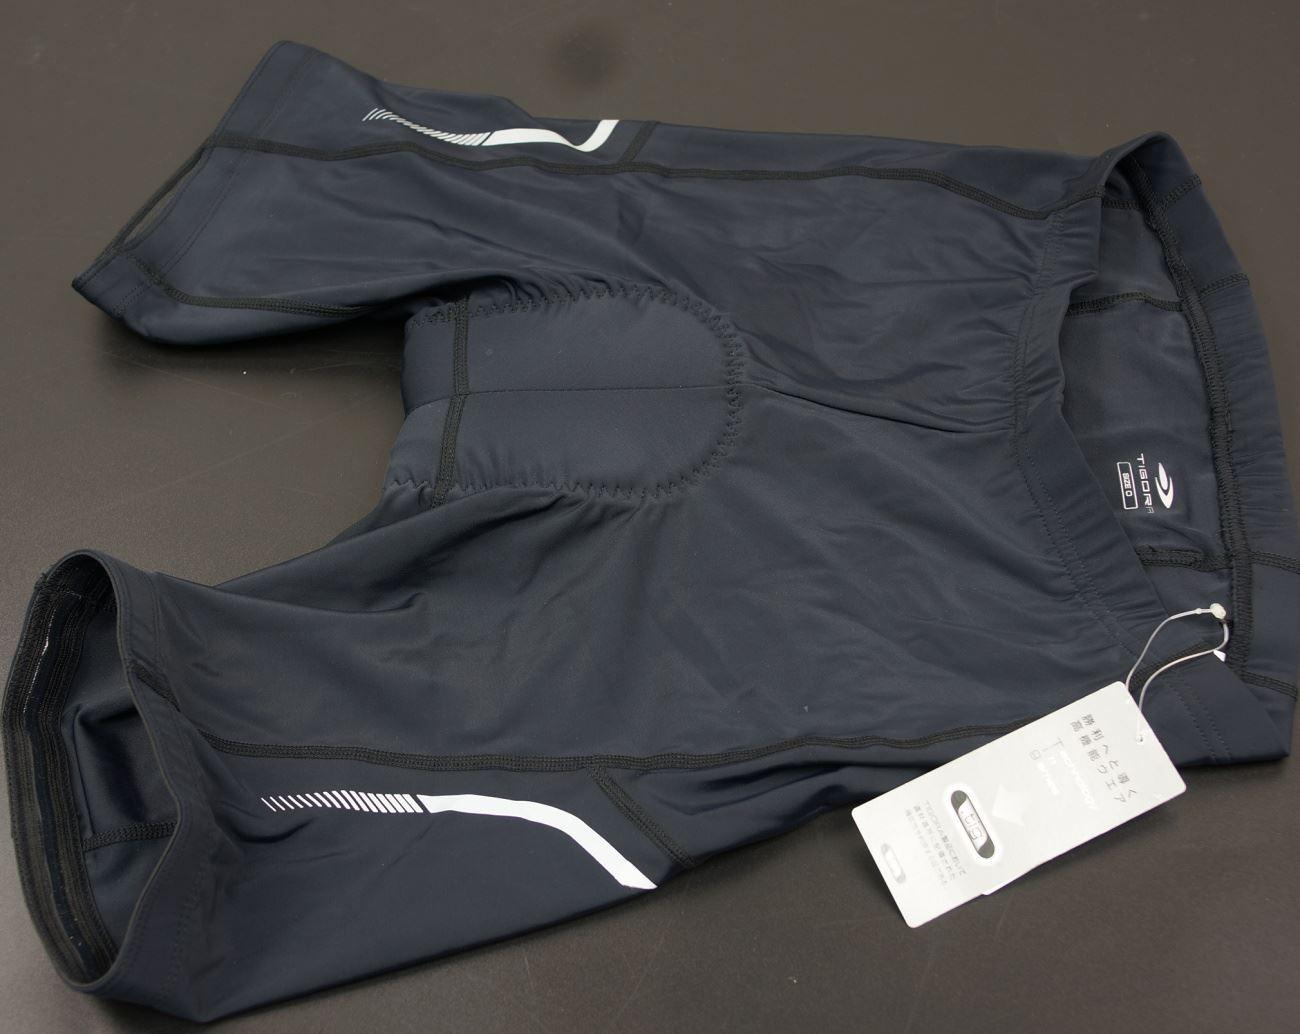 La importación desde Japón el verano sin pantalones de hombre del chándal capris bicicleta mountain bike de ciclismo de pantalones cortos